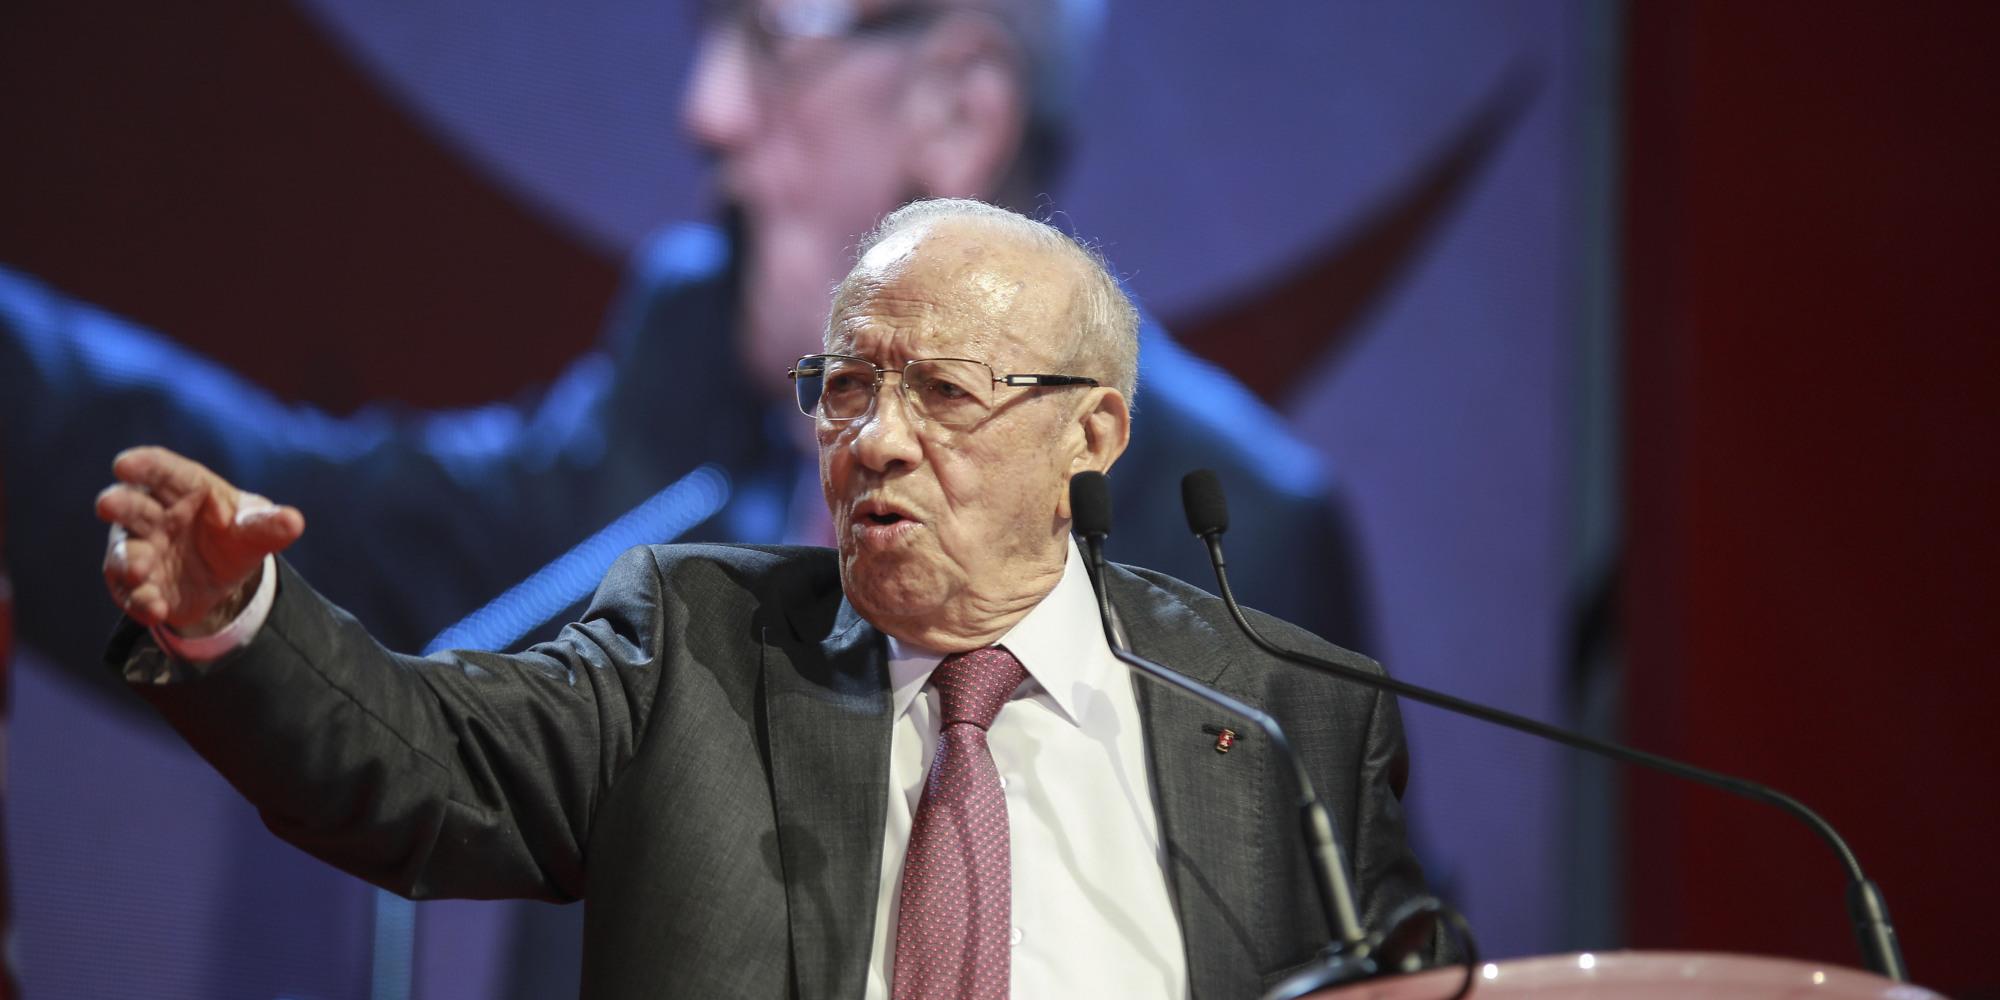 أكد أن مدنية الحزب لا تعني كفره.. قيادي بـ النهضة : دعوات السبسي للمساواة في الإرث لن تمر في البرلمان